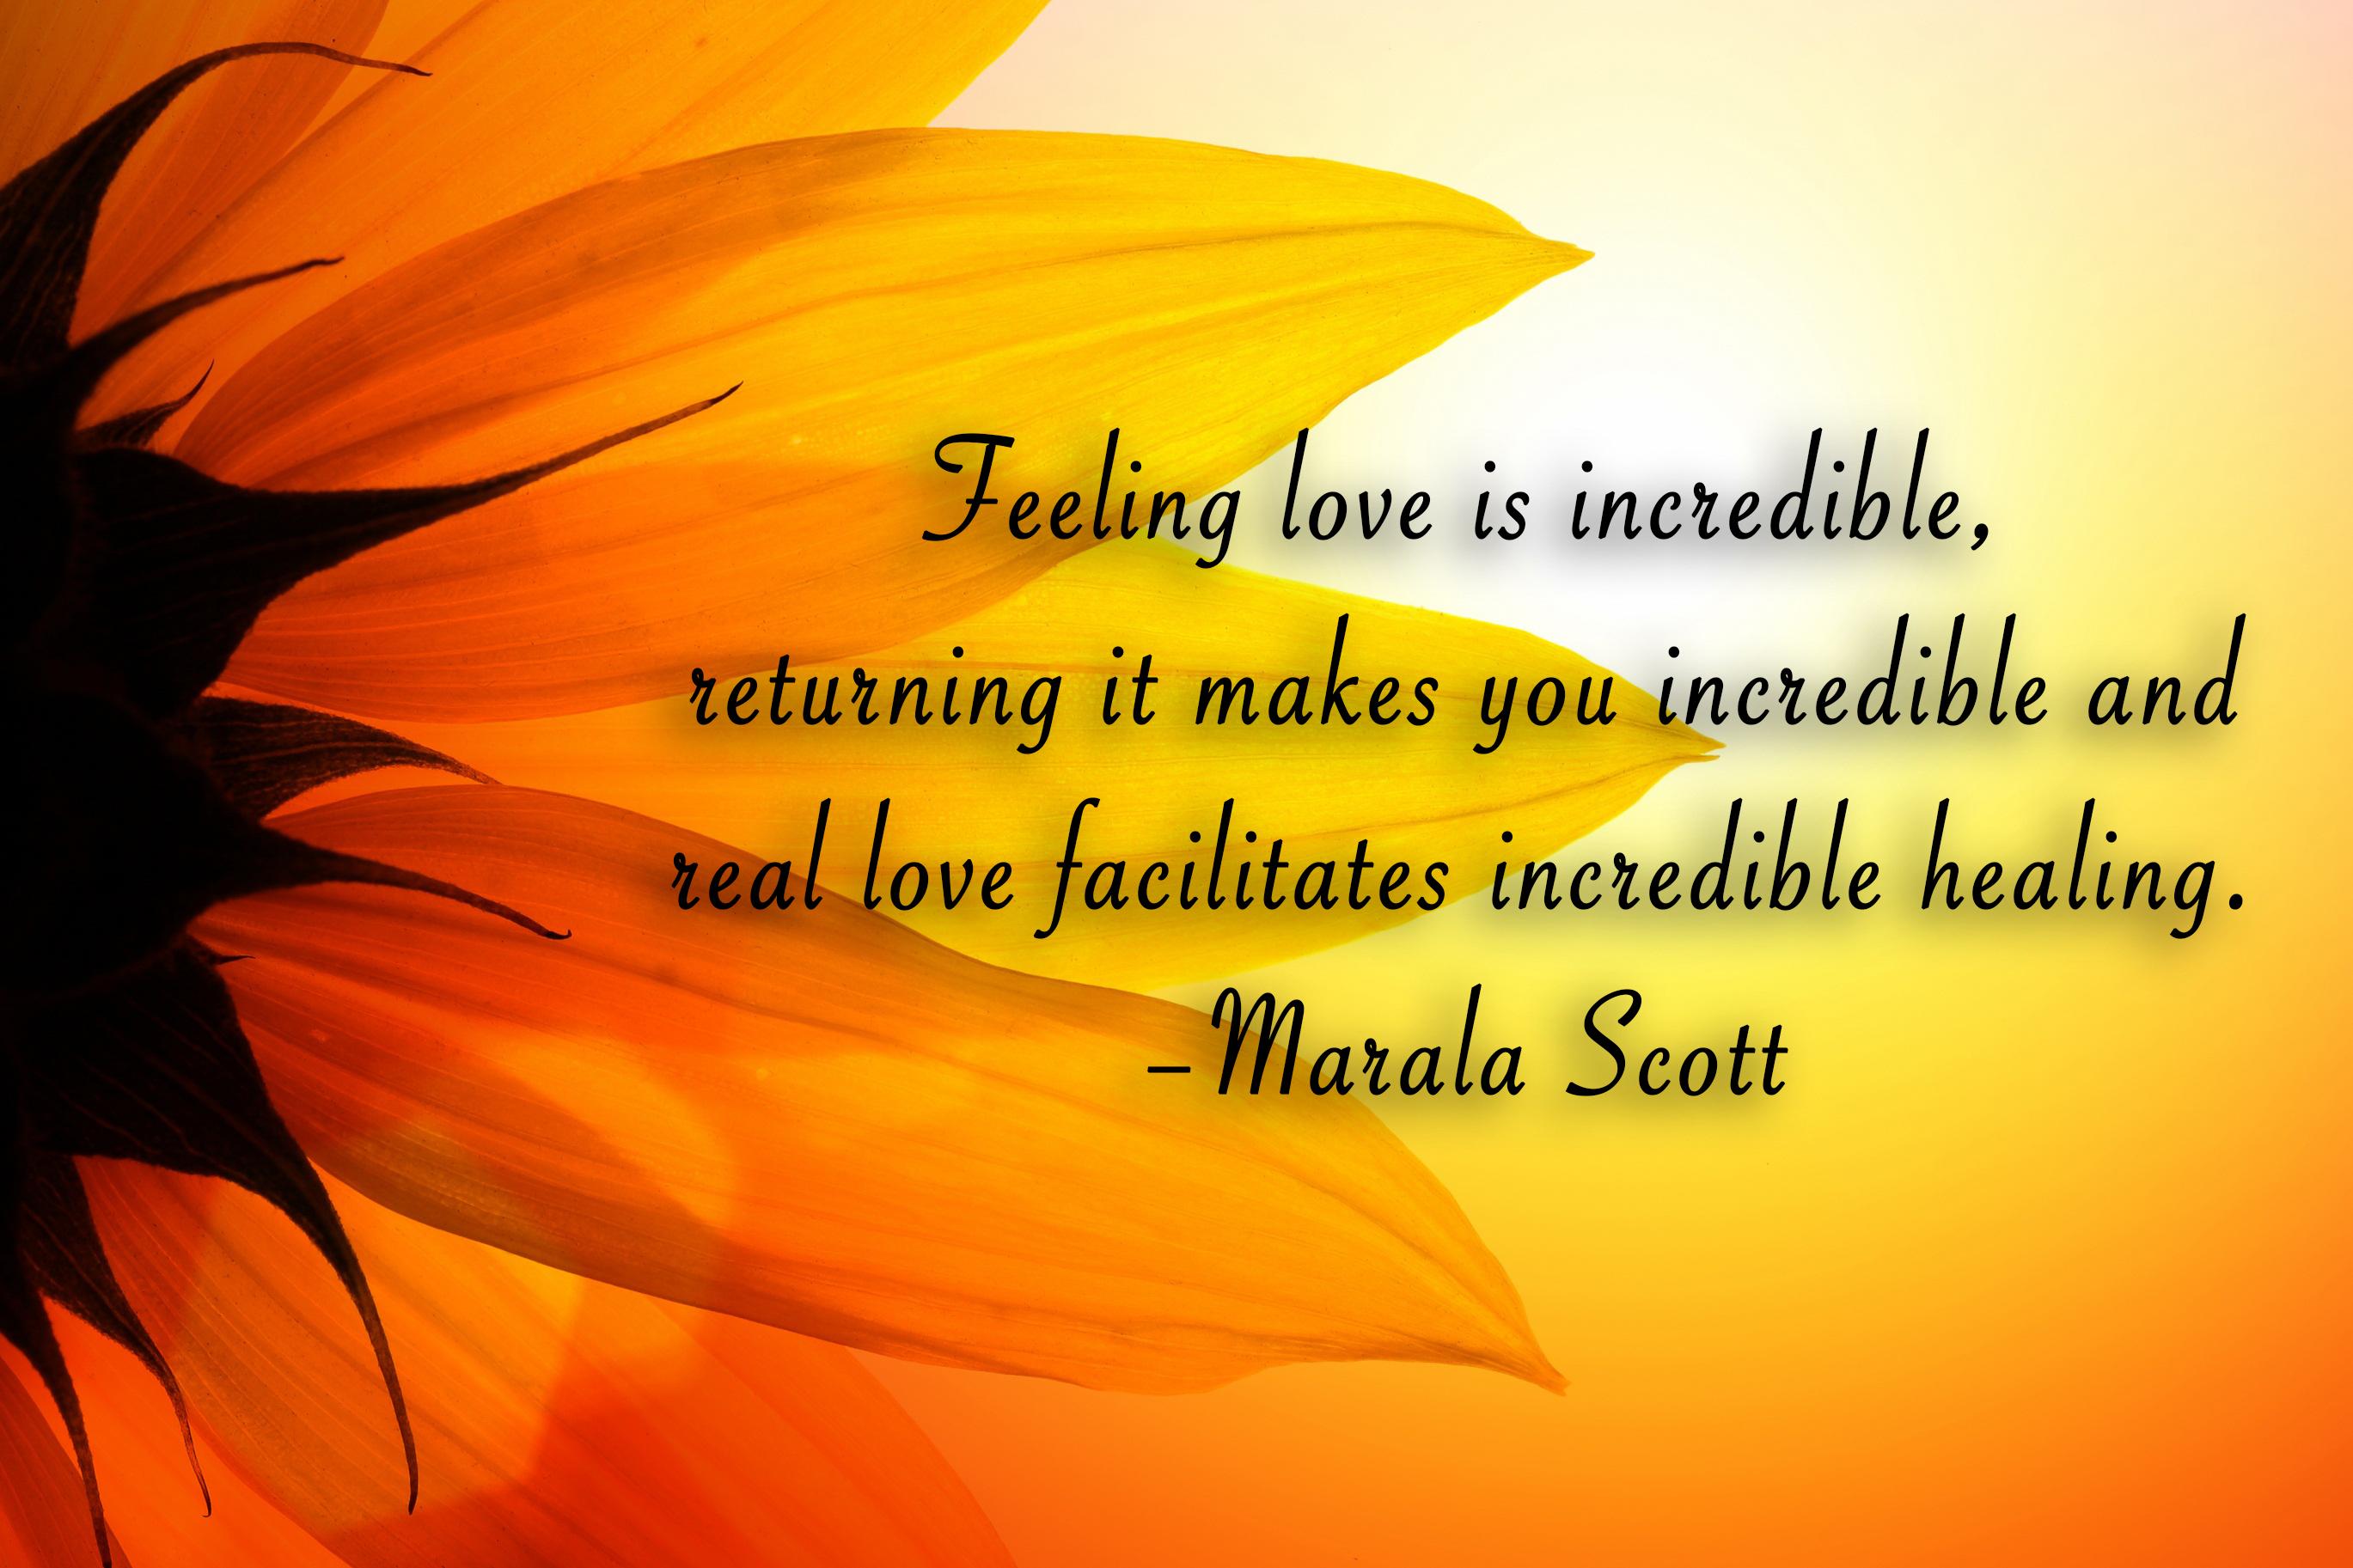 sunflower-healing quote